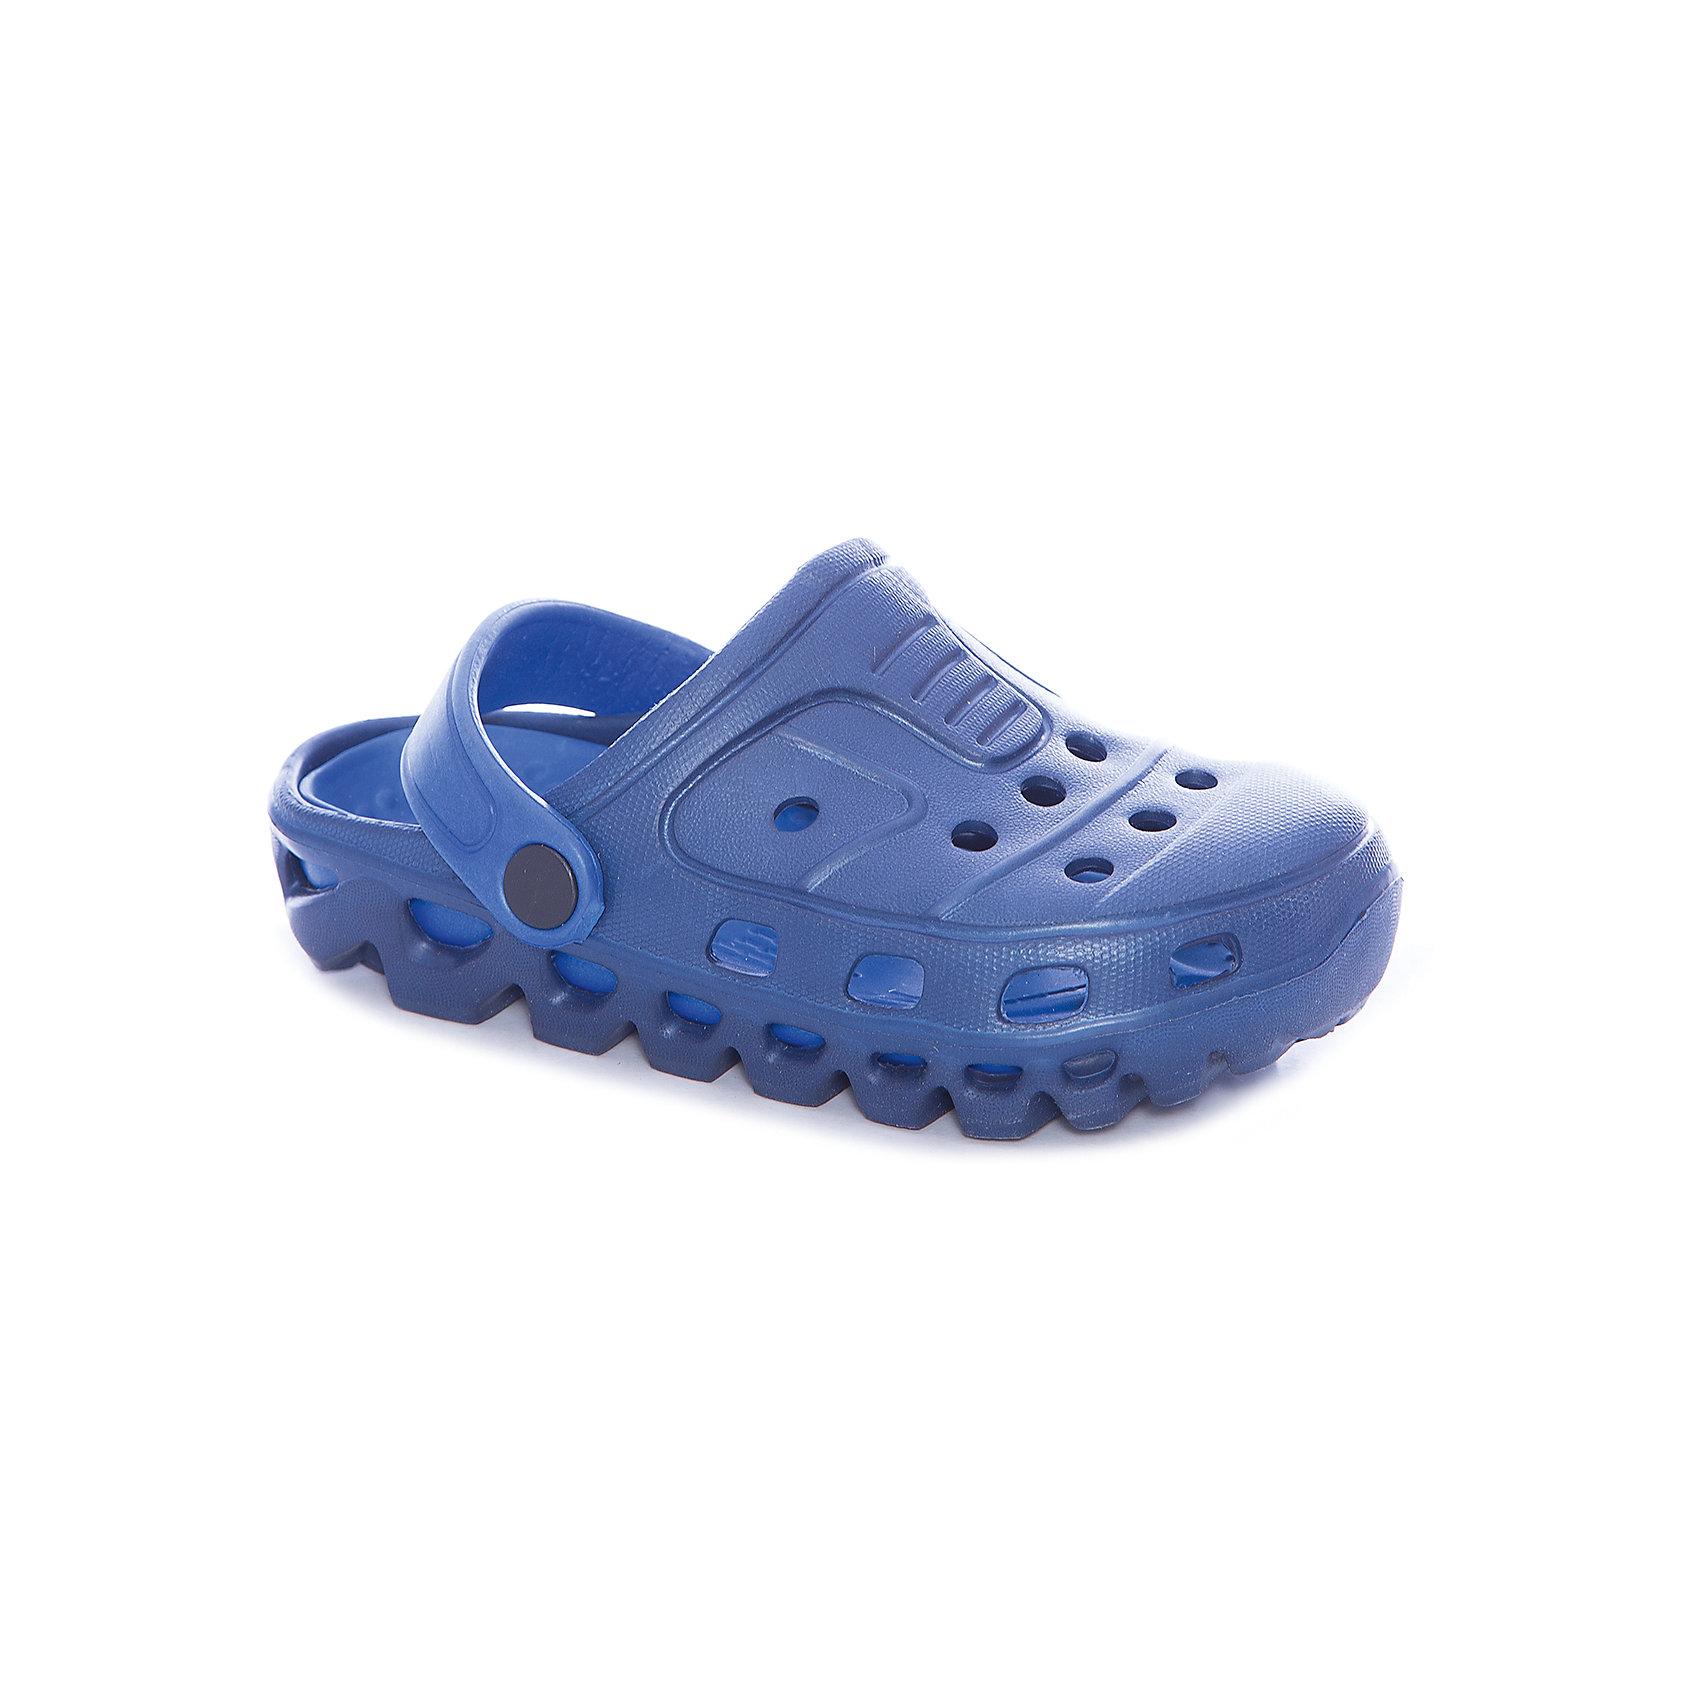 Сабо для мальчика PlayTodayПляжная обувь<br>Сабо для мальчика PlayToday<br>Эти удобные сабо прекрасно подойдут и для дачи, и для пляжа. Подвижный пяточный ремень позволяет легко снимать о одевать обувь. Перфорированная носочная часть обеспечивает хорошую вентиляциюПреимущества: Подвижный пяточный ремень позволяет легко снимать и одевать пантолетыПерфорированная носочная часть обеспечивает хорошую вентиляцию<br>Состав:<br>100% этилвинилацетат<br><br>Ширина мм: 225<br>Глубина мм: 139<br>Высота мм: 112<br>Вес г: 290<br>Цвет: разноцветный<br>Возраст от месяцев: 96<br>Возраст до месяцев: 108<br>Пол: Мужской<br>Возраст: Детский<br>Размер: 32,28,29,30,31<br>SKU: 5403528